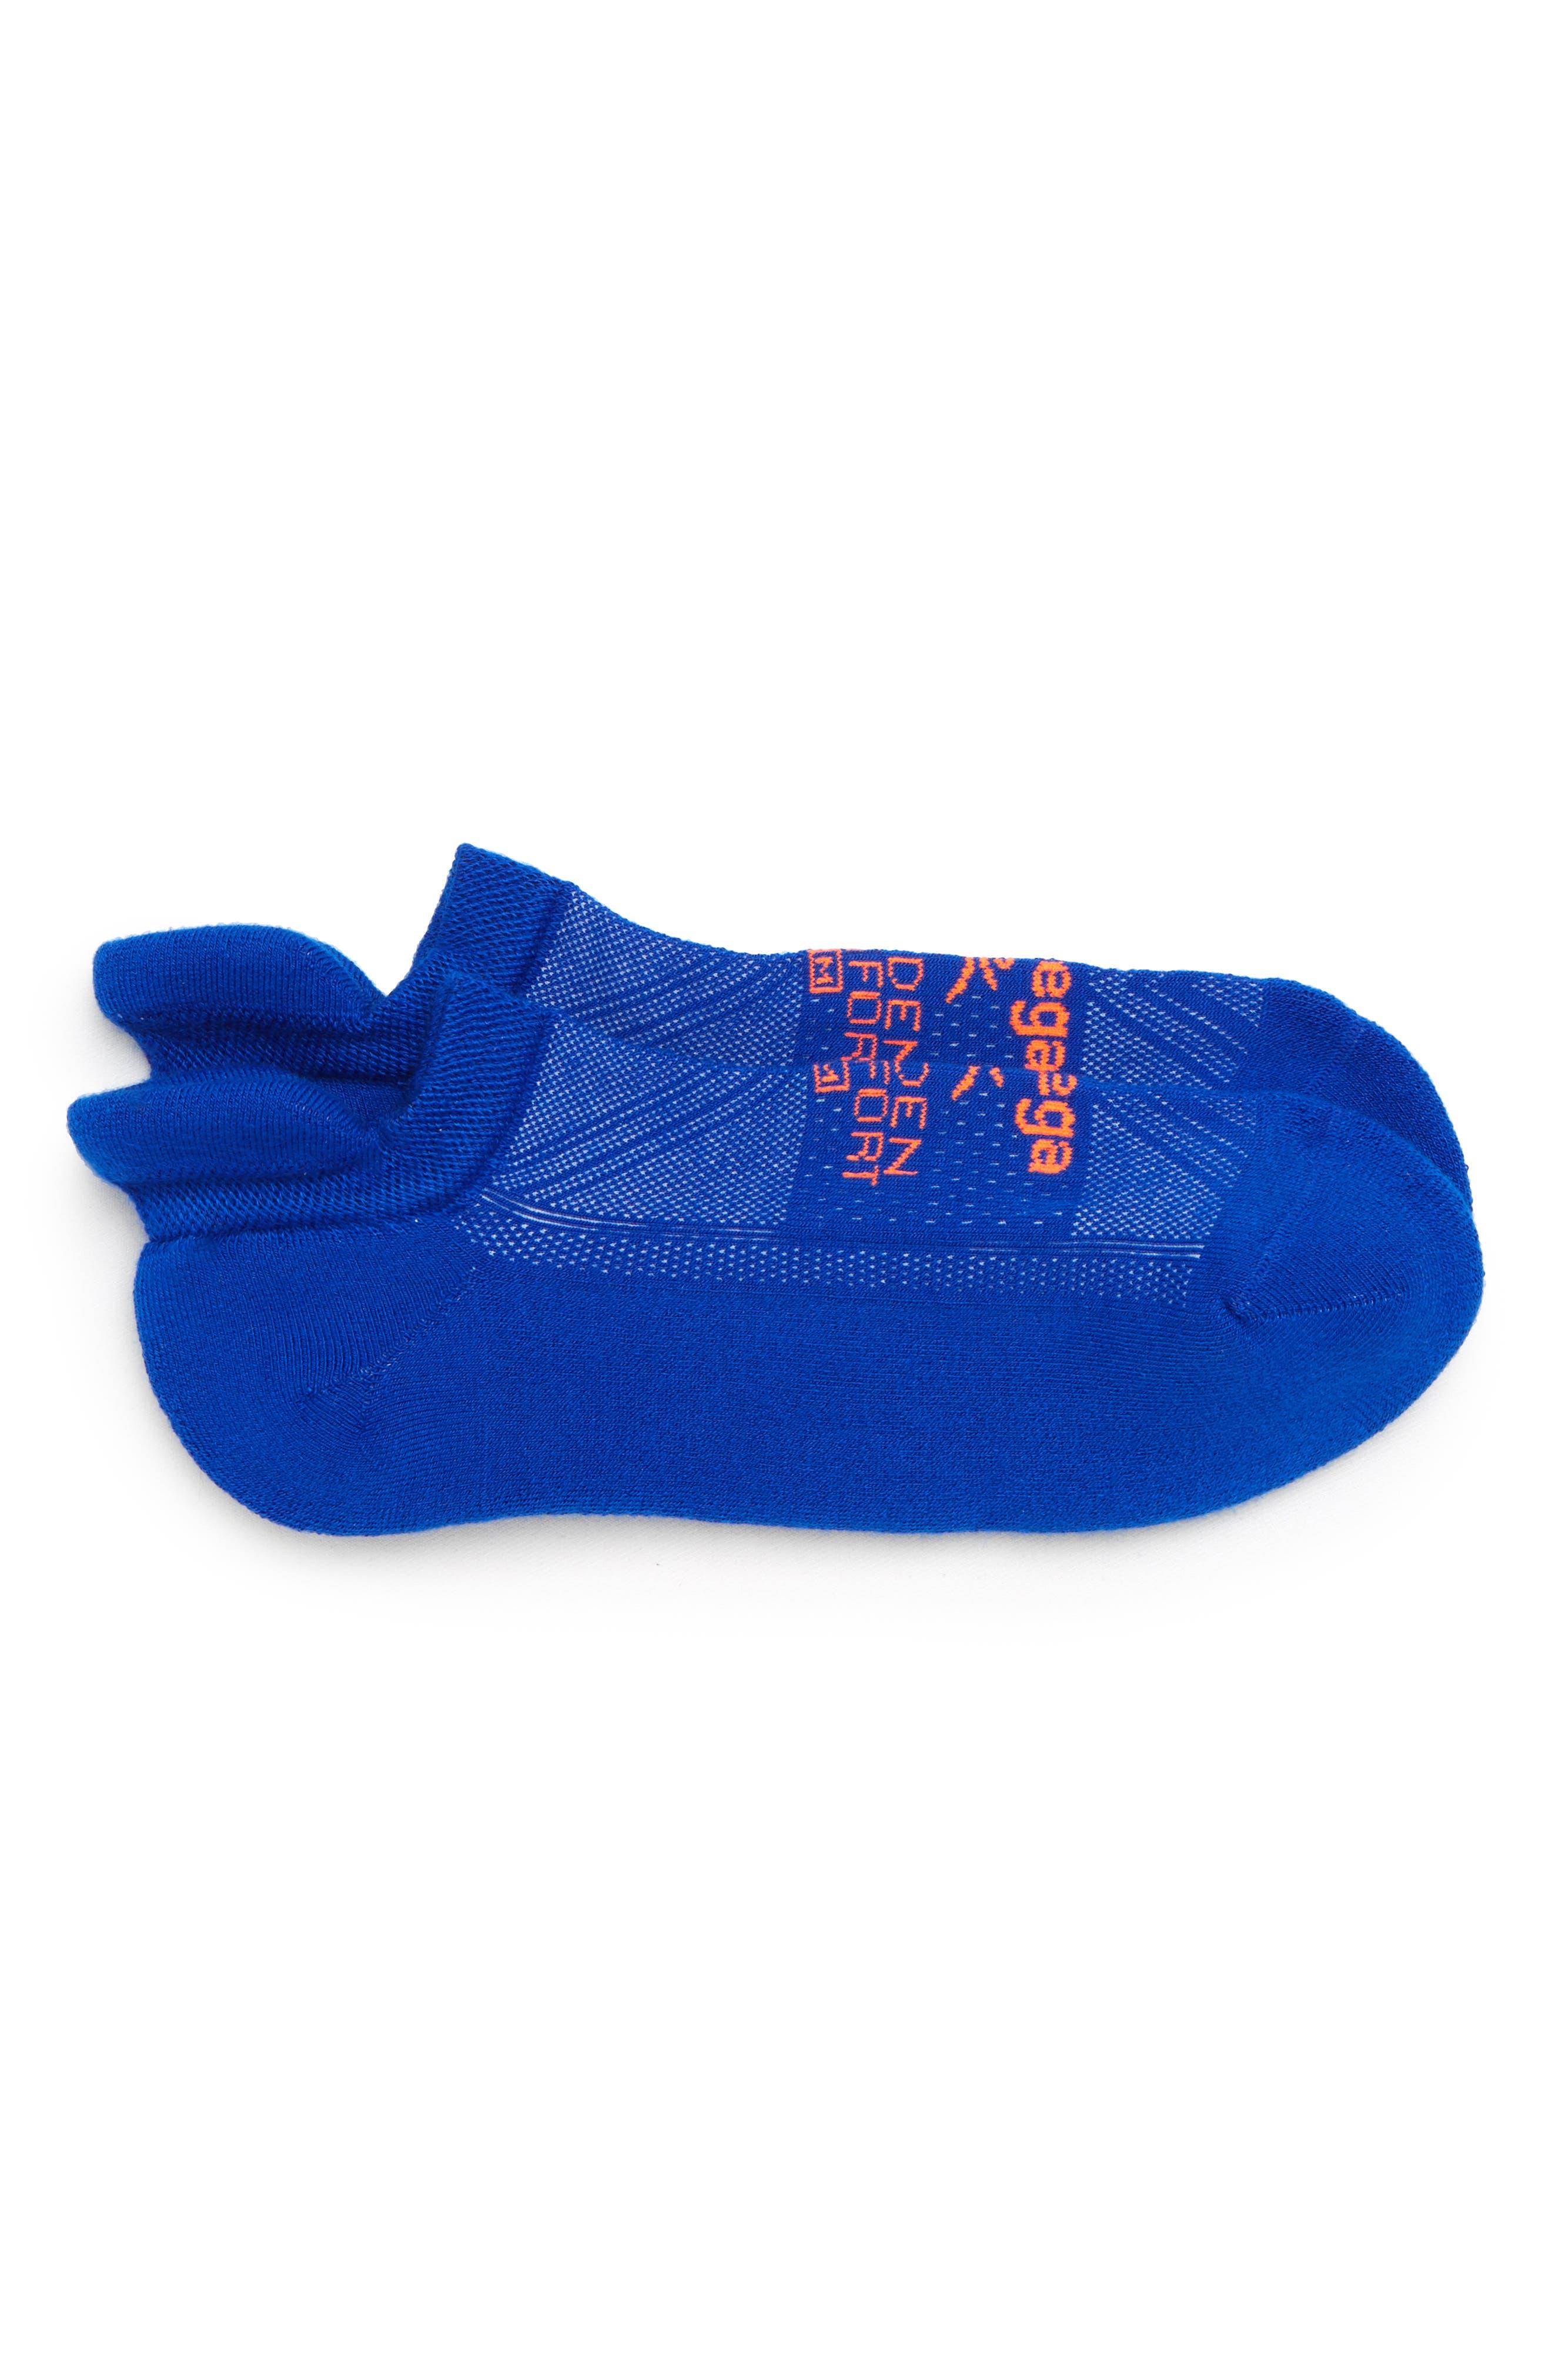 Hidden Comfort Socks,                         Main,                         color, Neon Blue